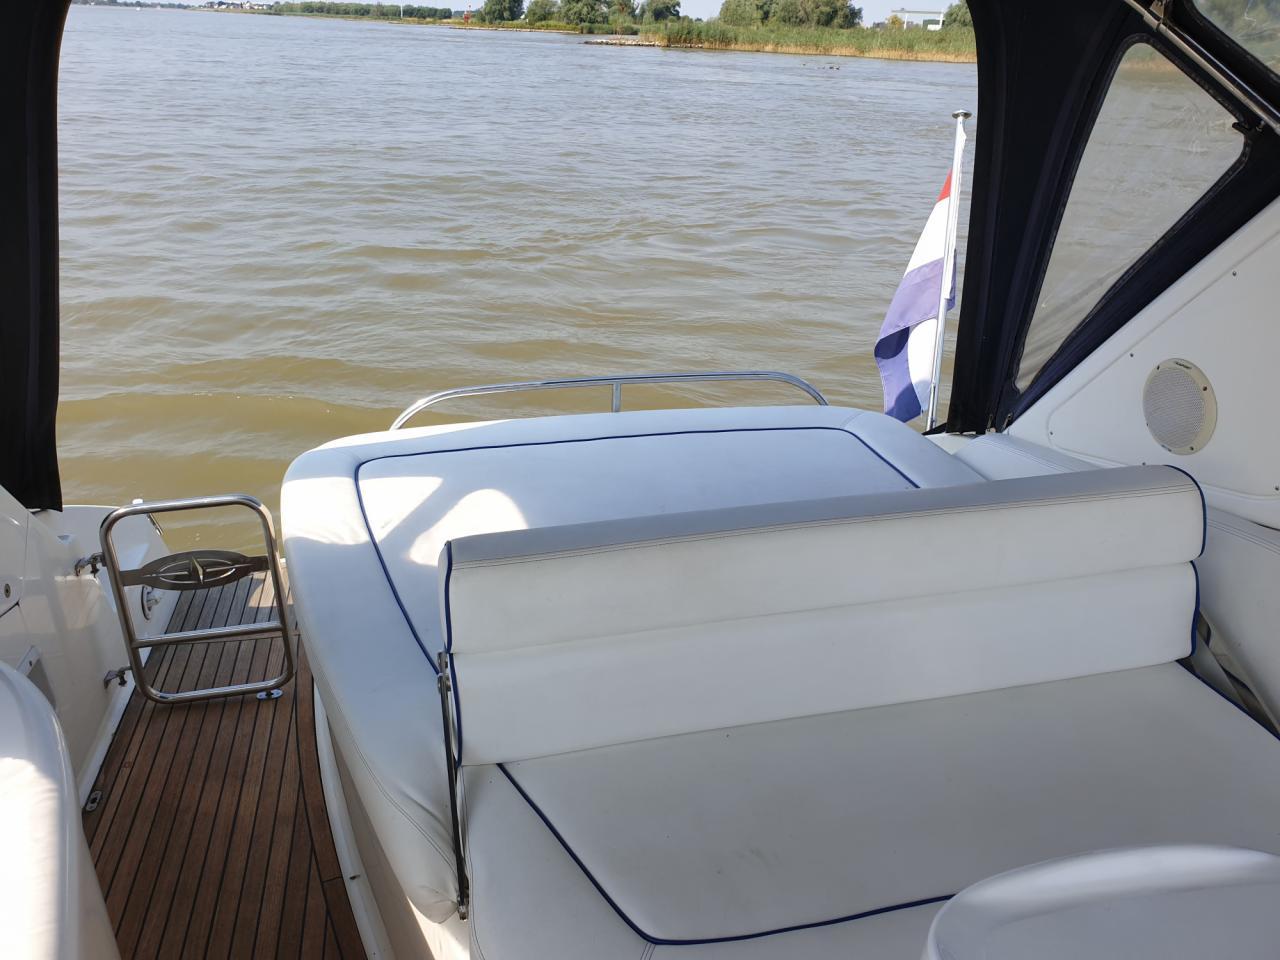 Bavaria 27 sport met Volvo Penta D4 260 pk diesel 5